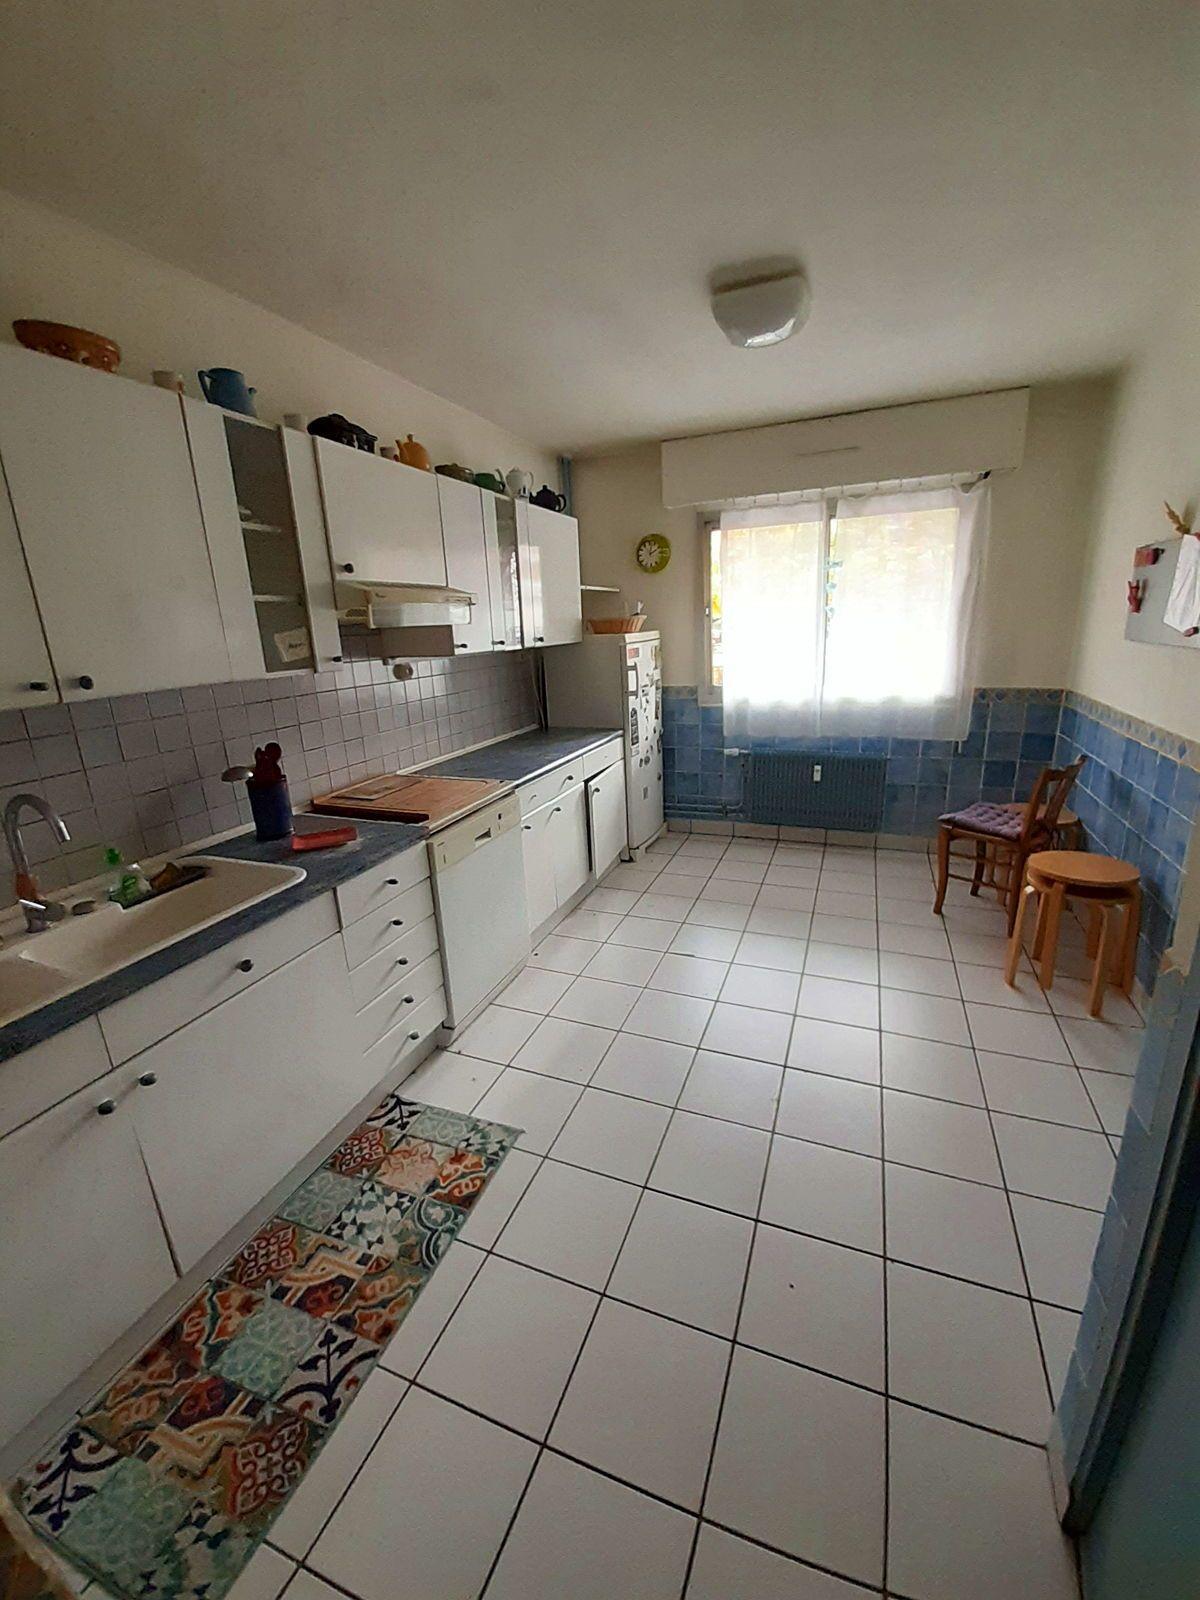 Vends appartement F6à Clermont Ferrand (63) quartier les carmes - 5chambres, 135m²